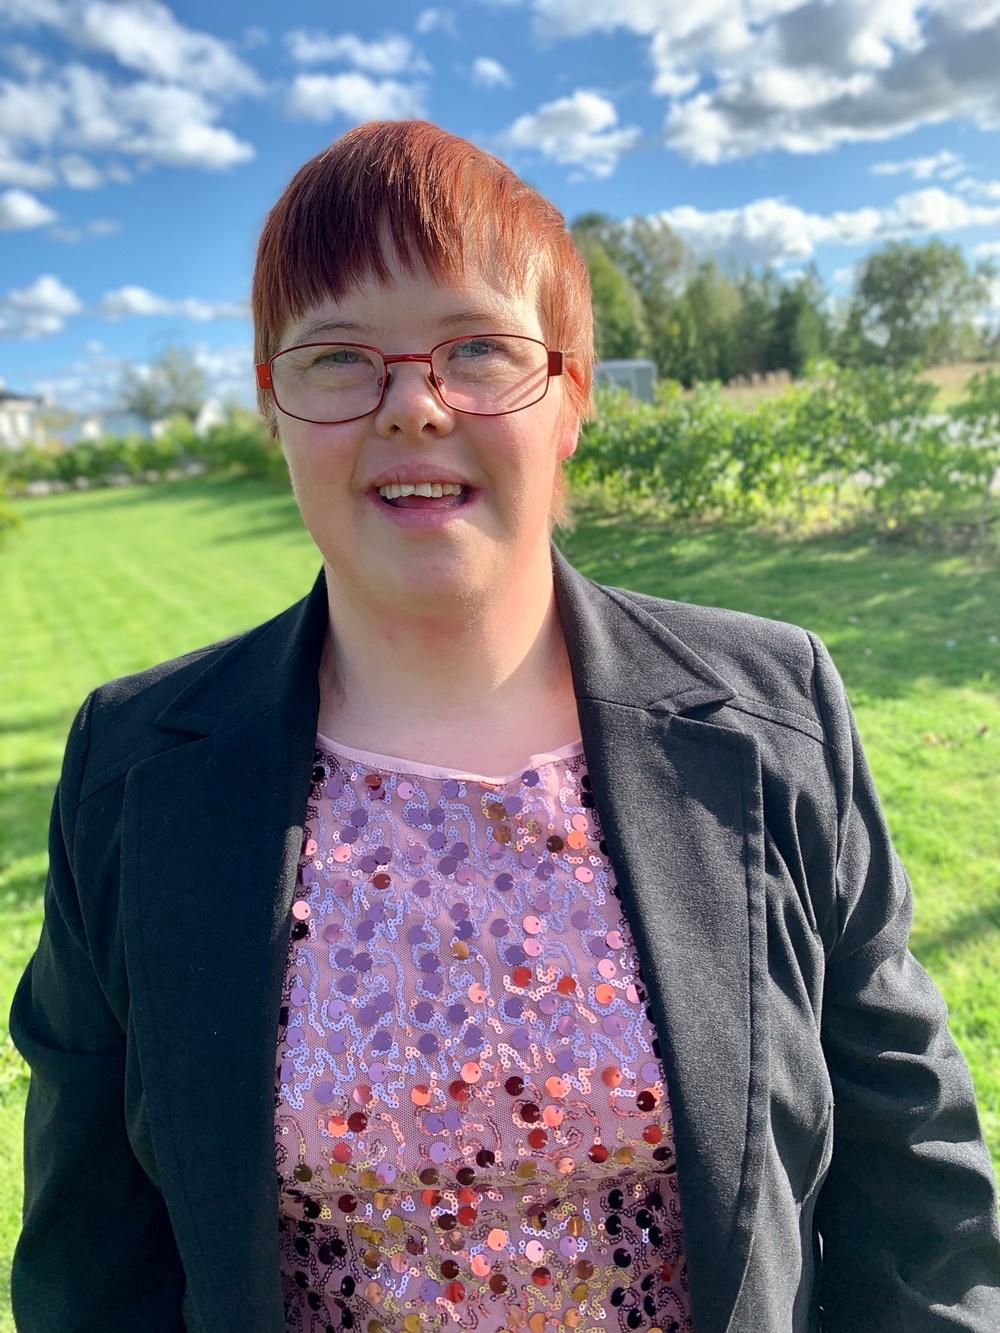 Therese Jansson från Uppsala är en av finalisterna i Musikschlaget 2019.